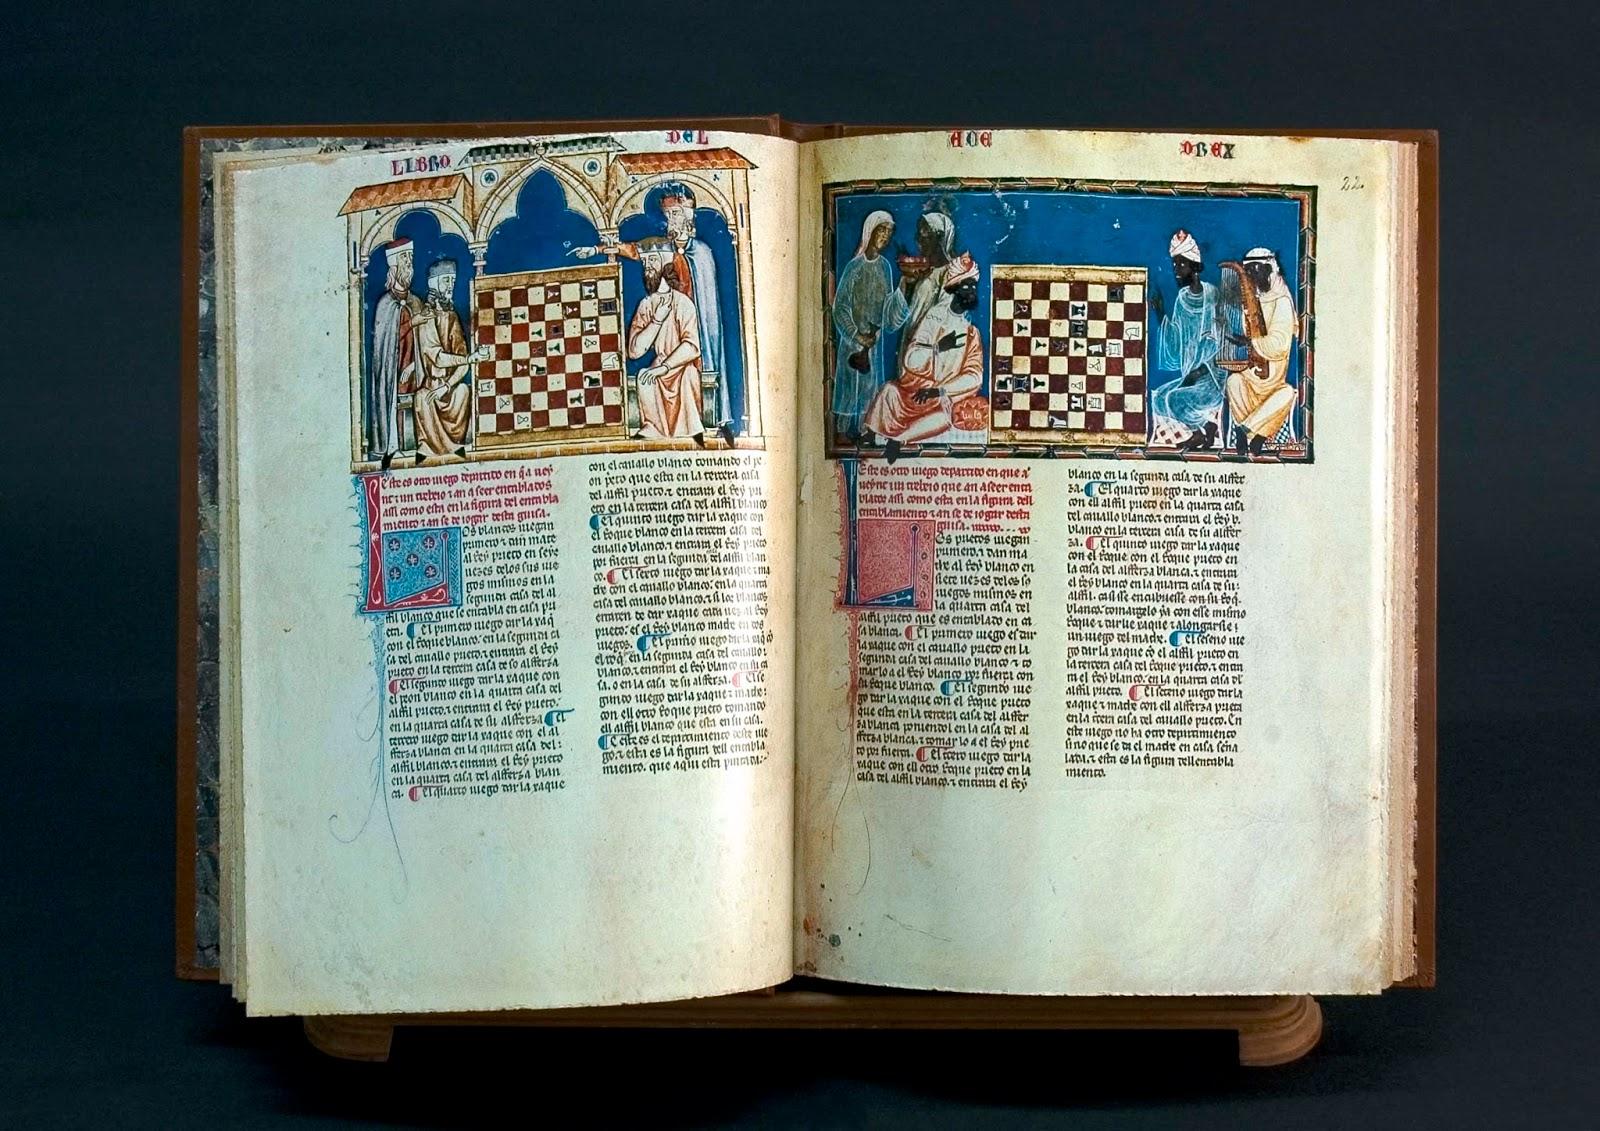 Diente de león: La prosa del siglo XIII: Alfonso X El Sabio